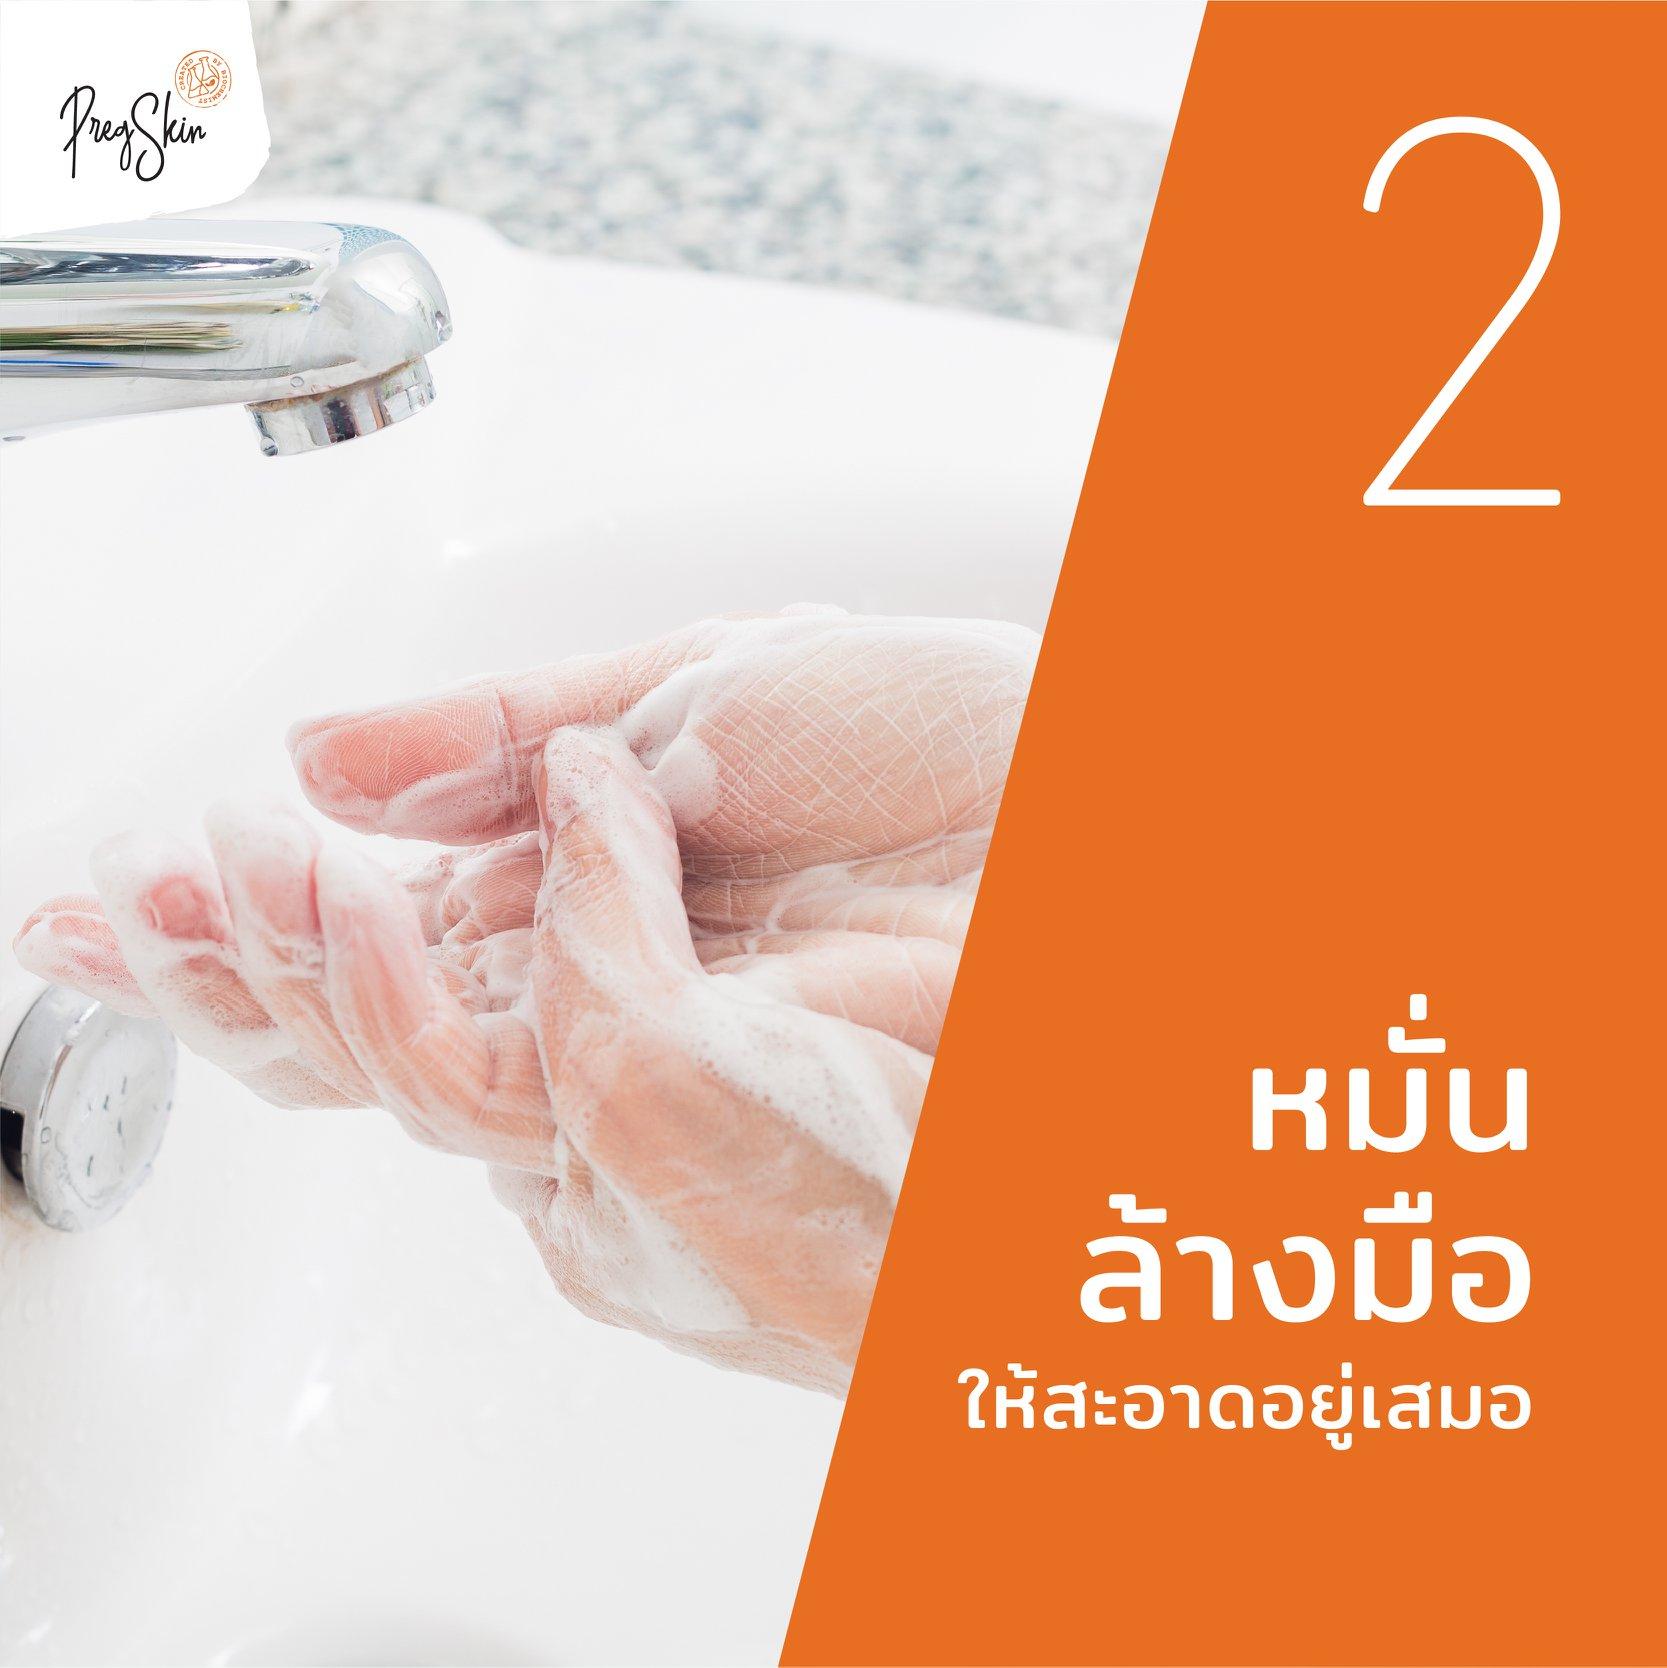 wash hands regularly to prevent coronavirus